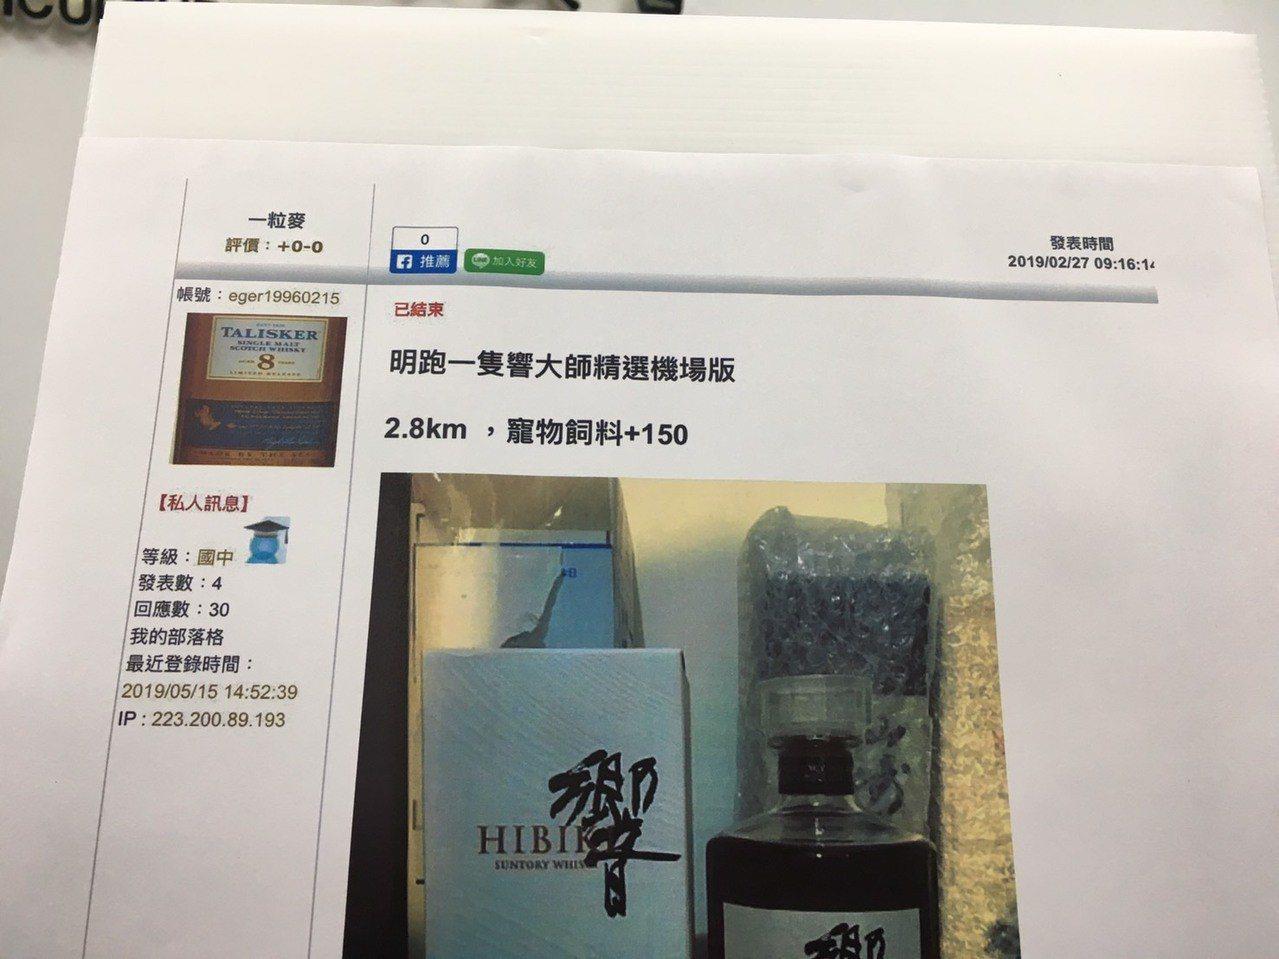 農委會約聘助理用公務電腦在網路買賣。記者吳姿賢/攝影